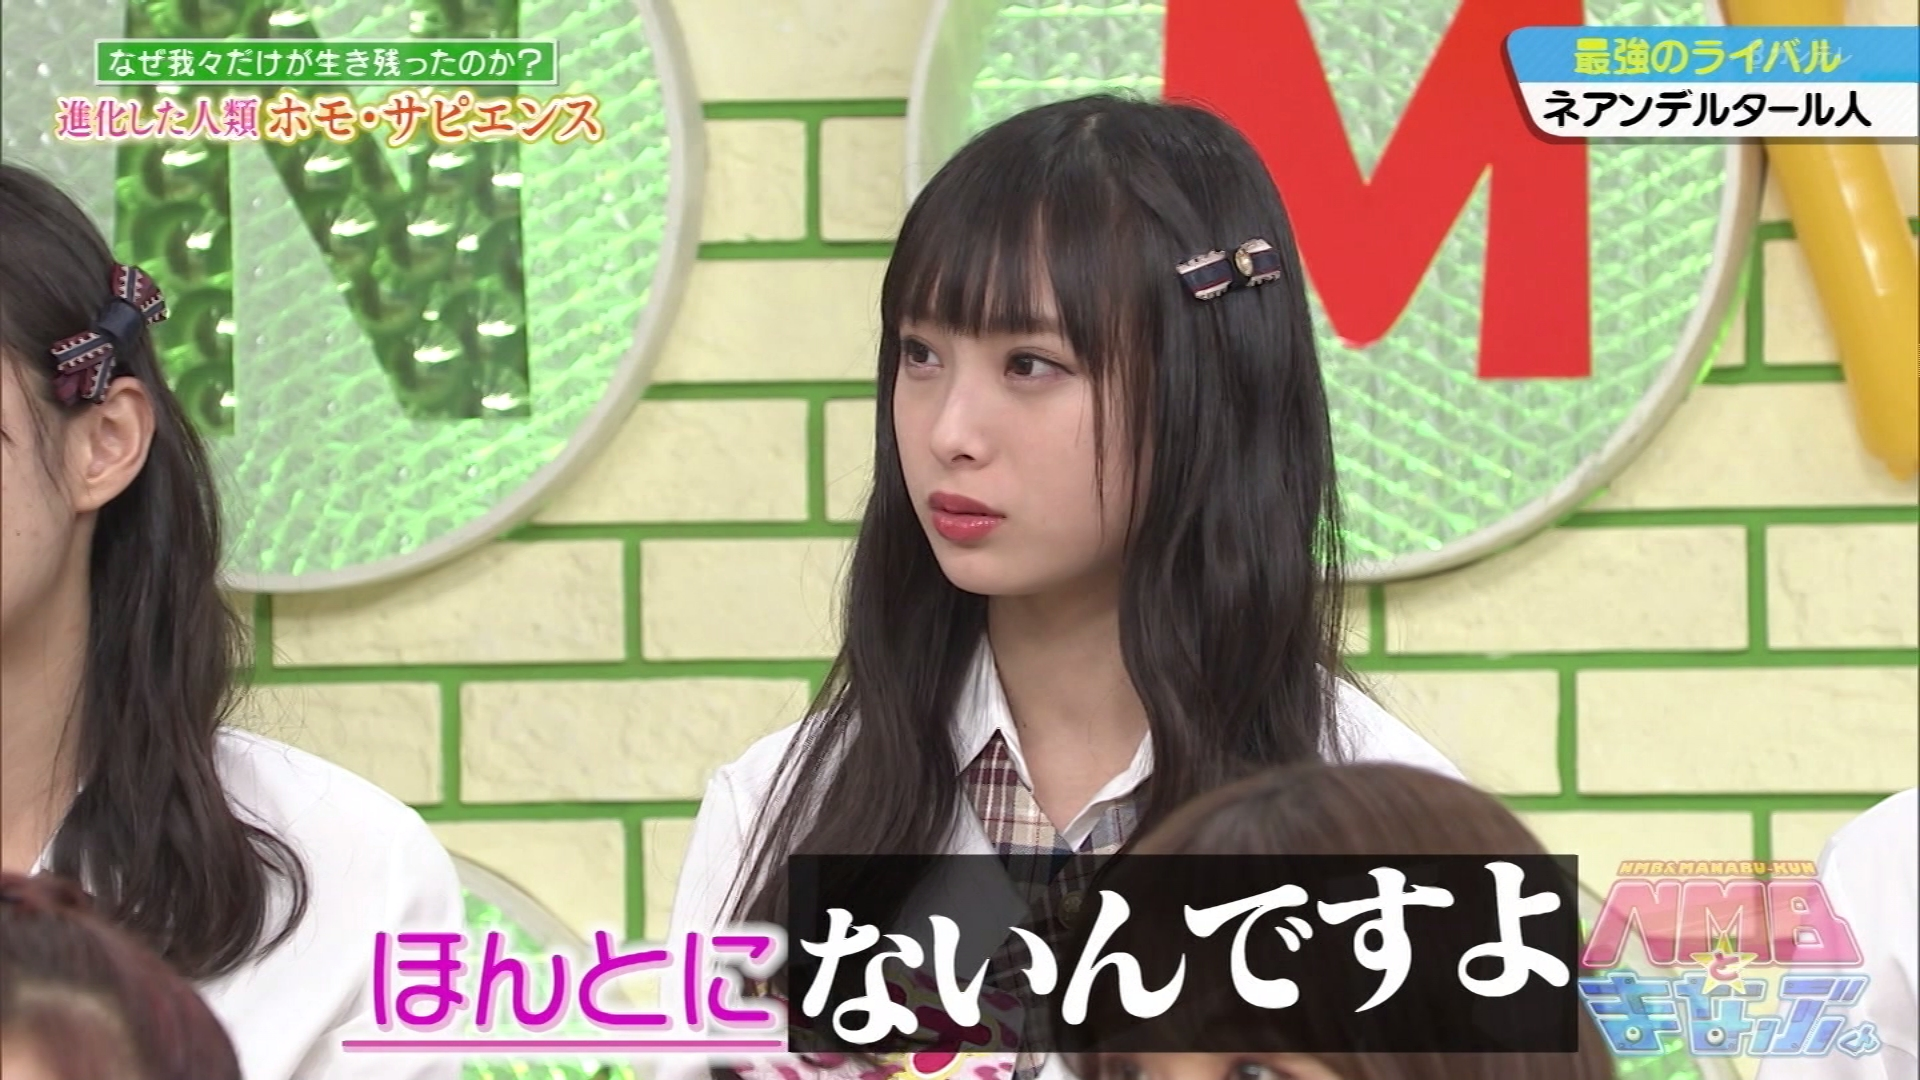 【NMB48】10月11日に放送された「NMBとまなぶくん」の画像。ホモ・サピエンスの生態や歴史